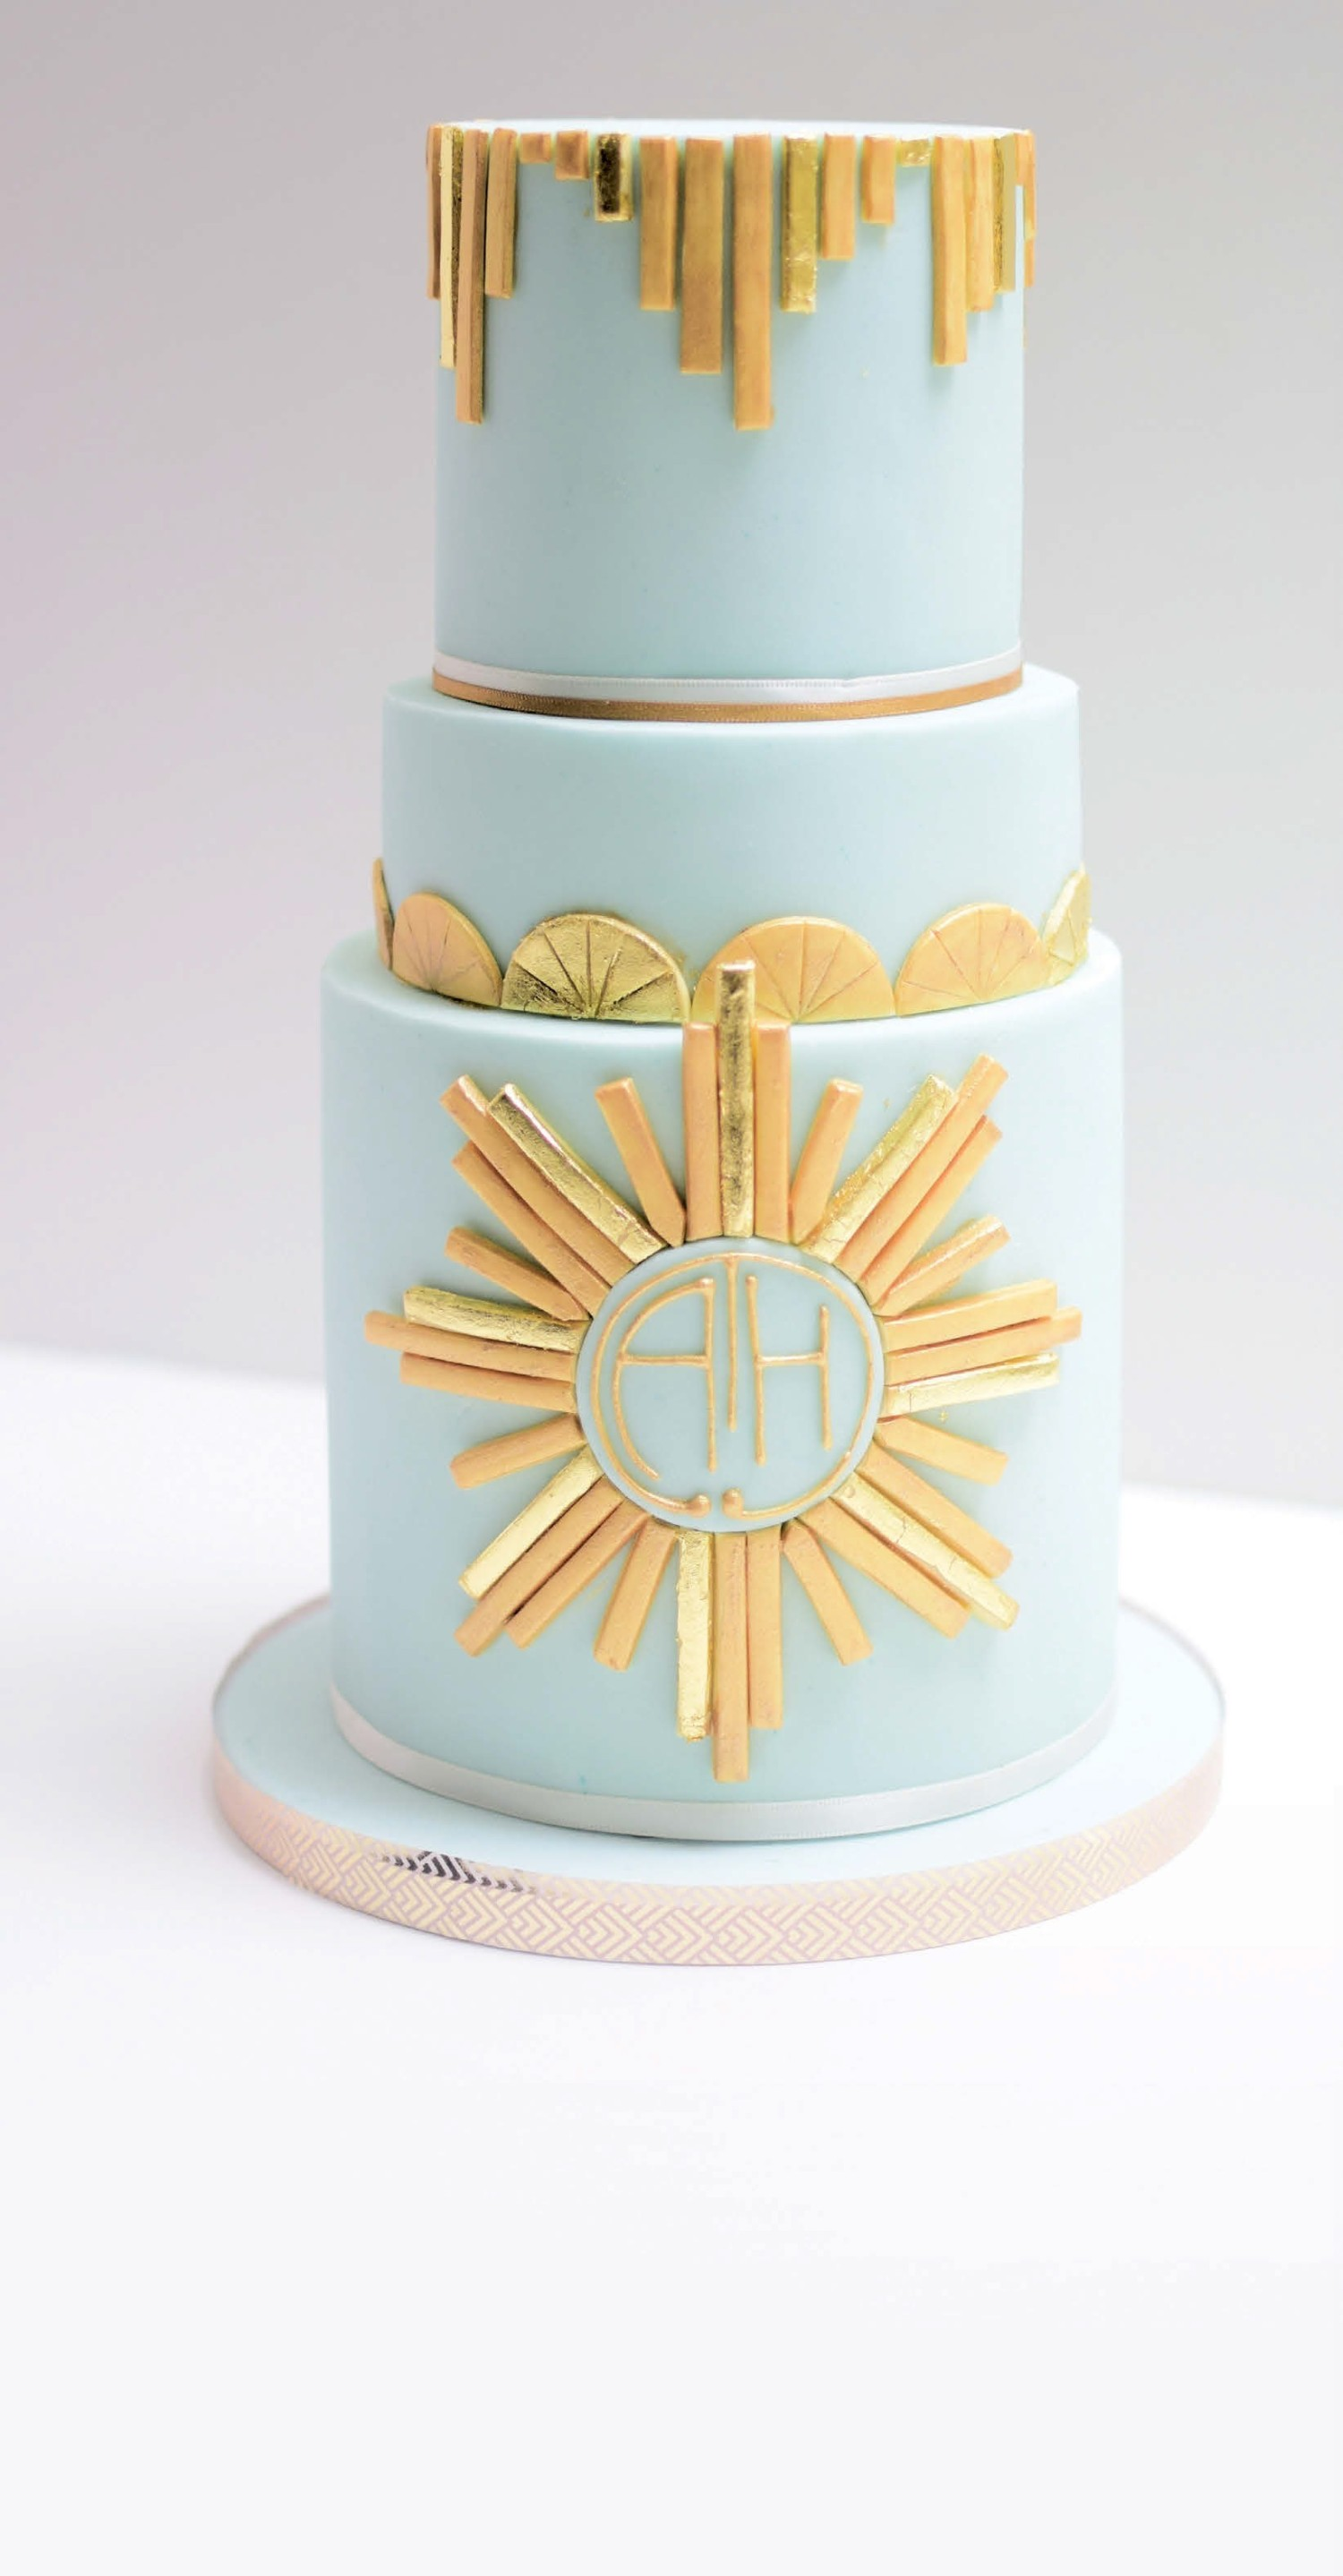 Art Deco WEDDING CAKE | Pocketmags.com